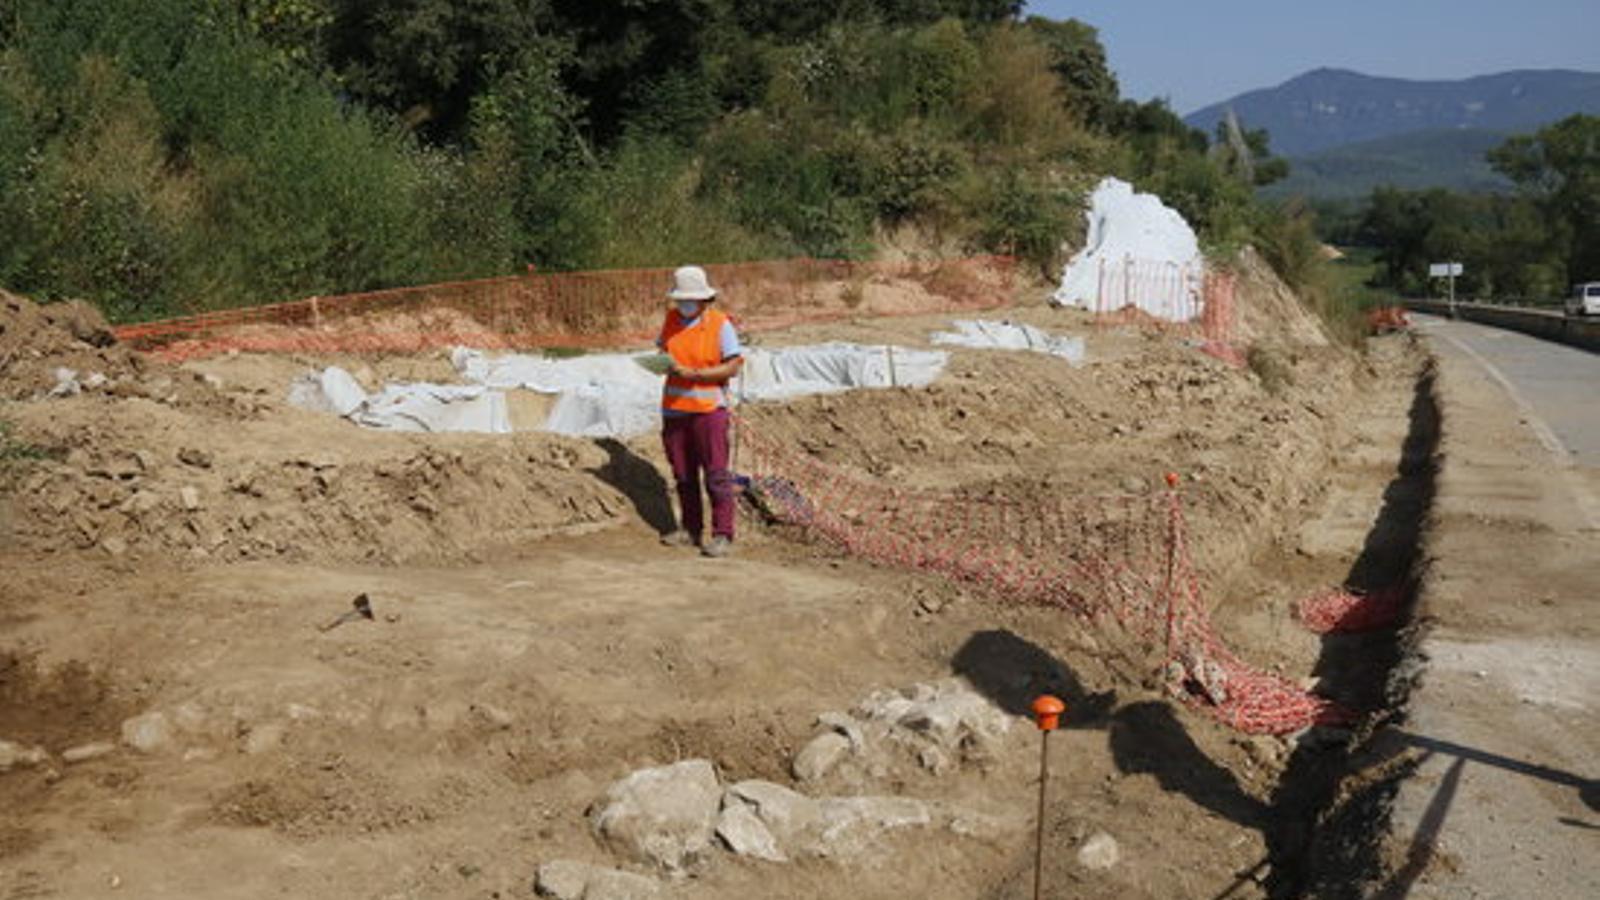 Pla general de la zona de Fares on s'ha localitzat la casa forta medieval i les sitges amb una arqueòloga el juliol del 2020